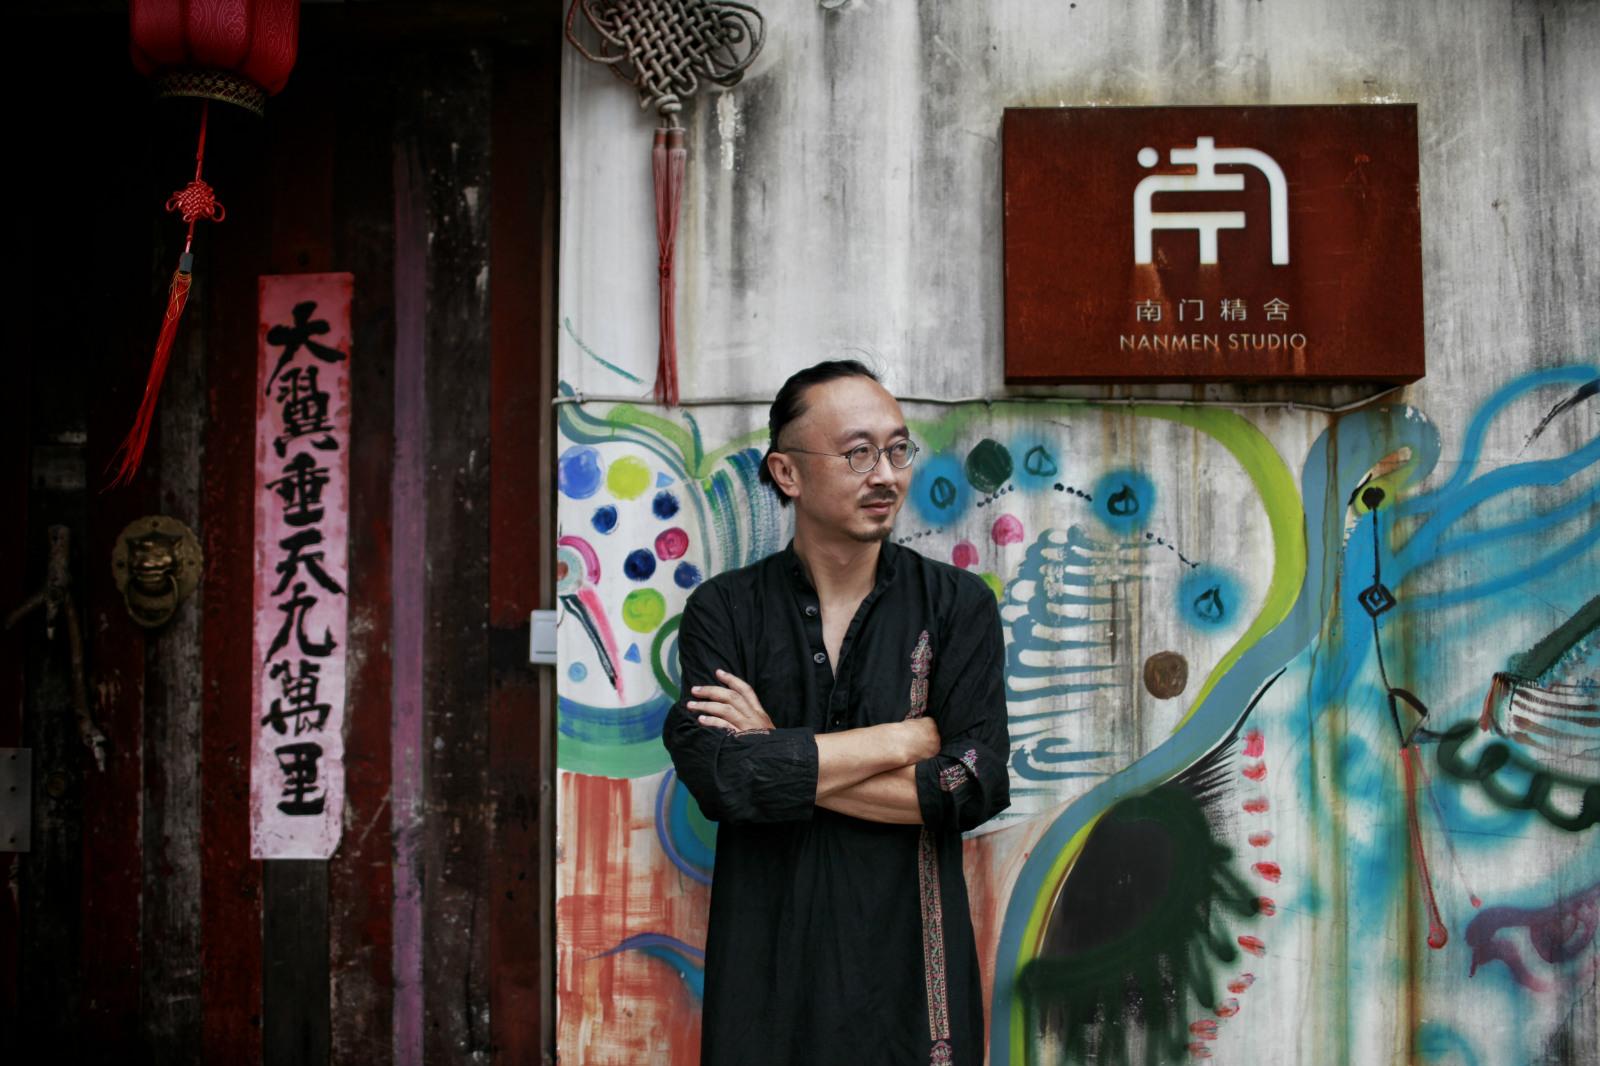 """90后最爱的书法家朱敬一:""""艺术平民化的最好方式,就是开个淘宝店"""""""